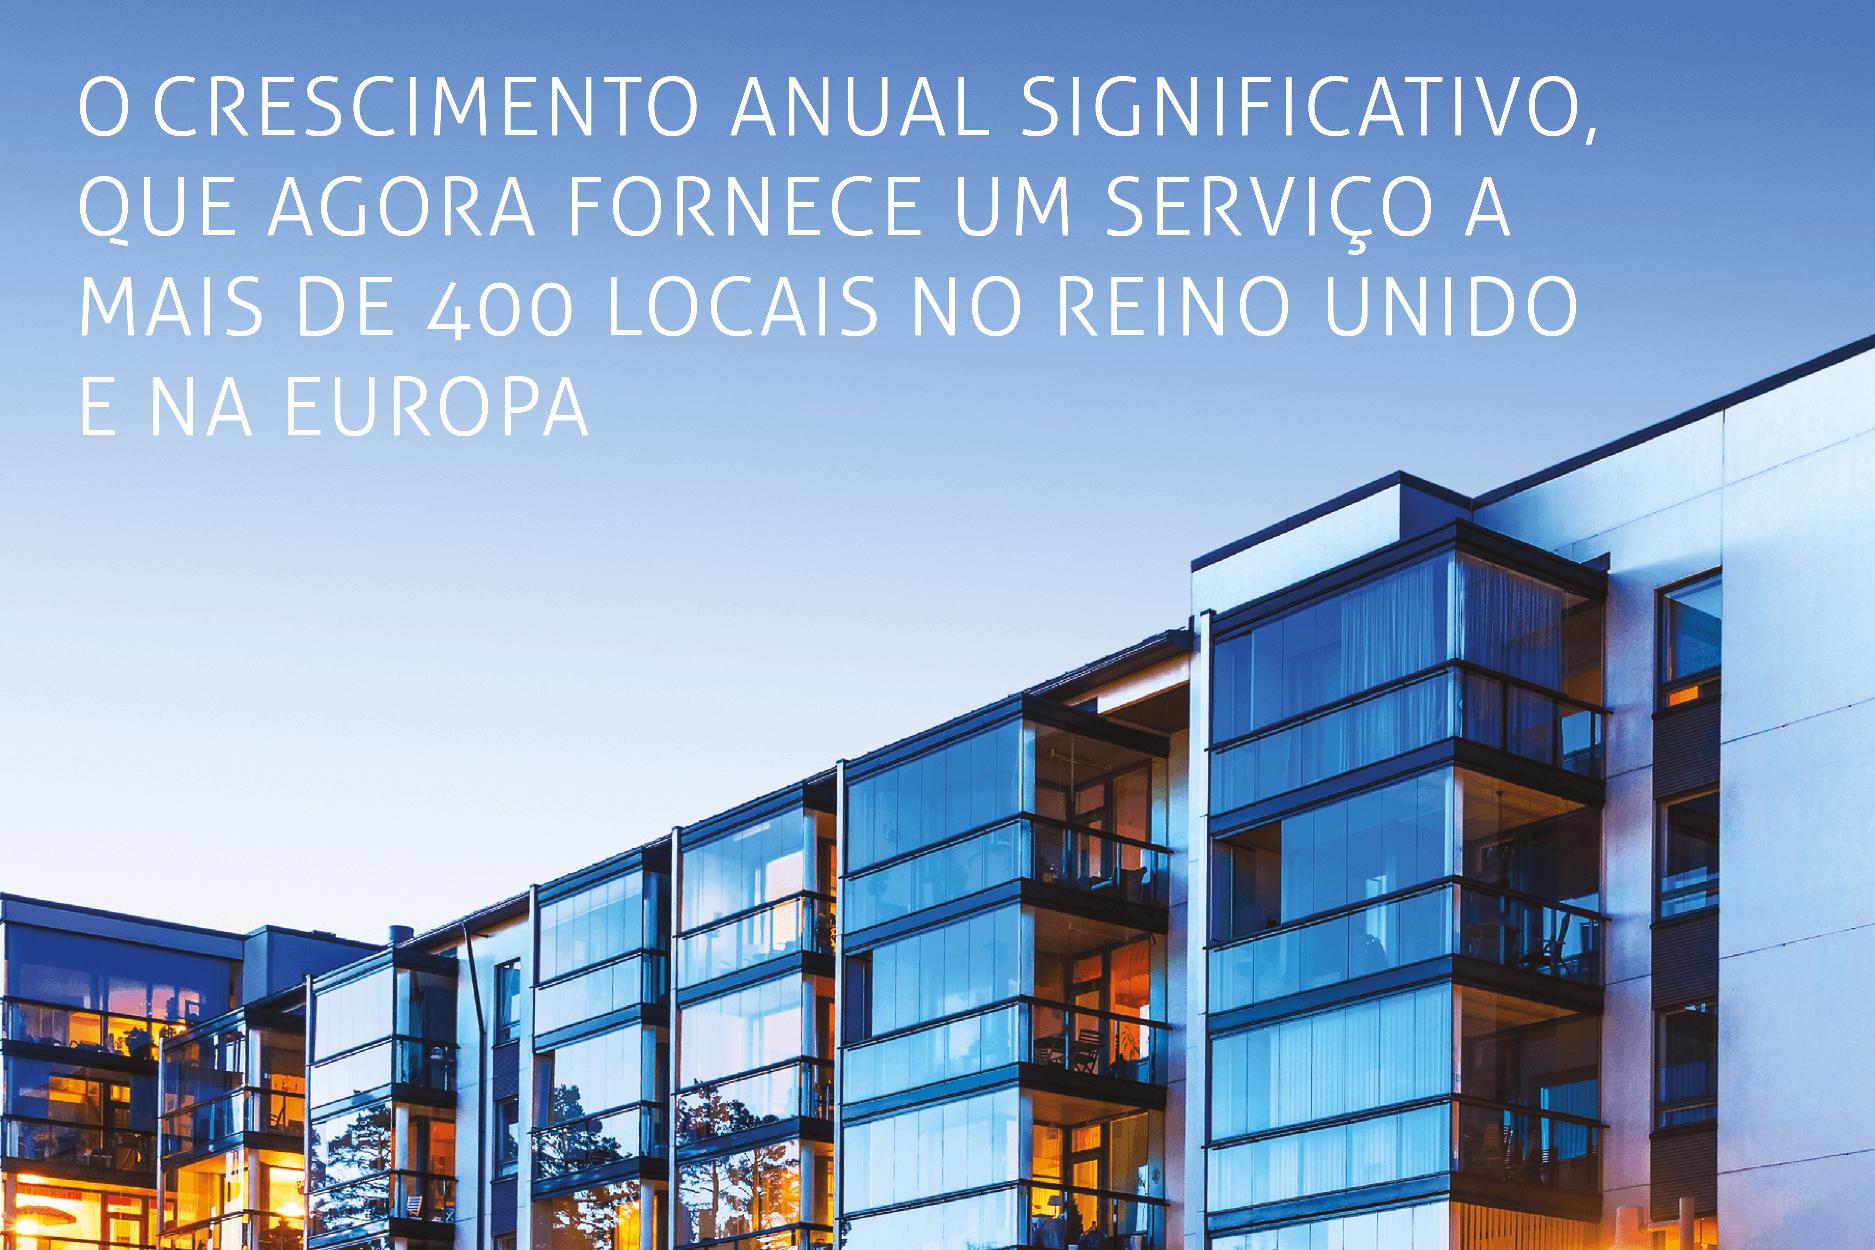 O crescimento anual significativo, que agora fornece um serviço a mais de 300 locais no Reino Unido e na Europa